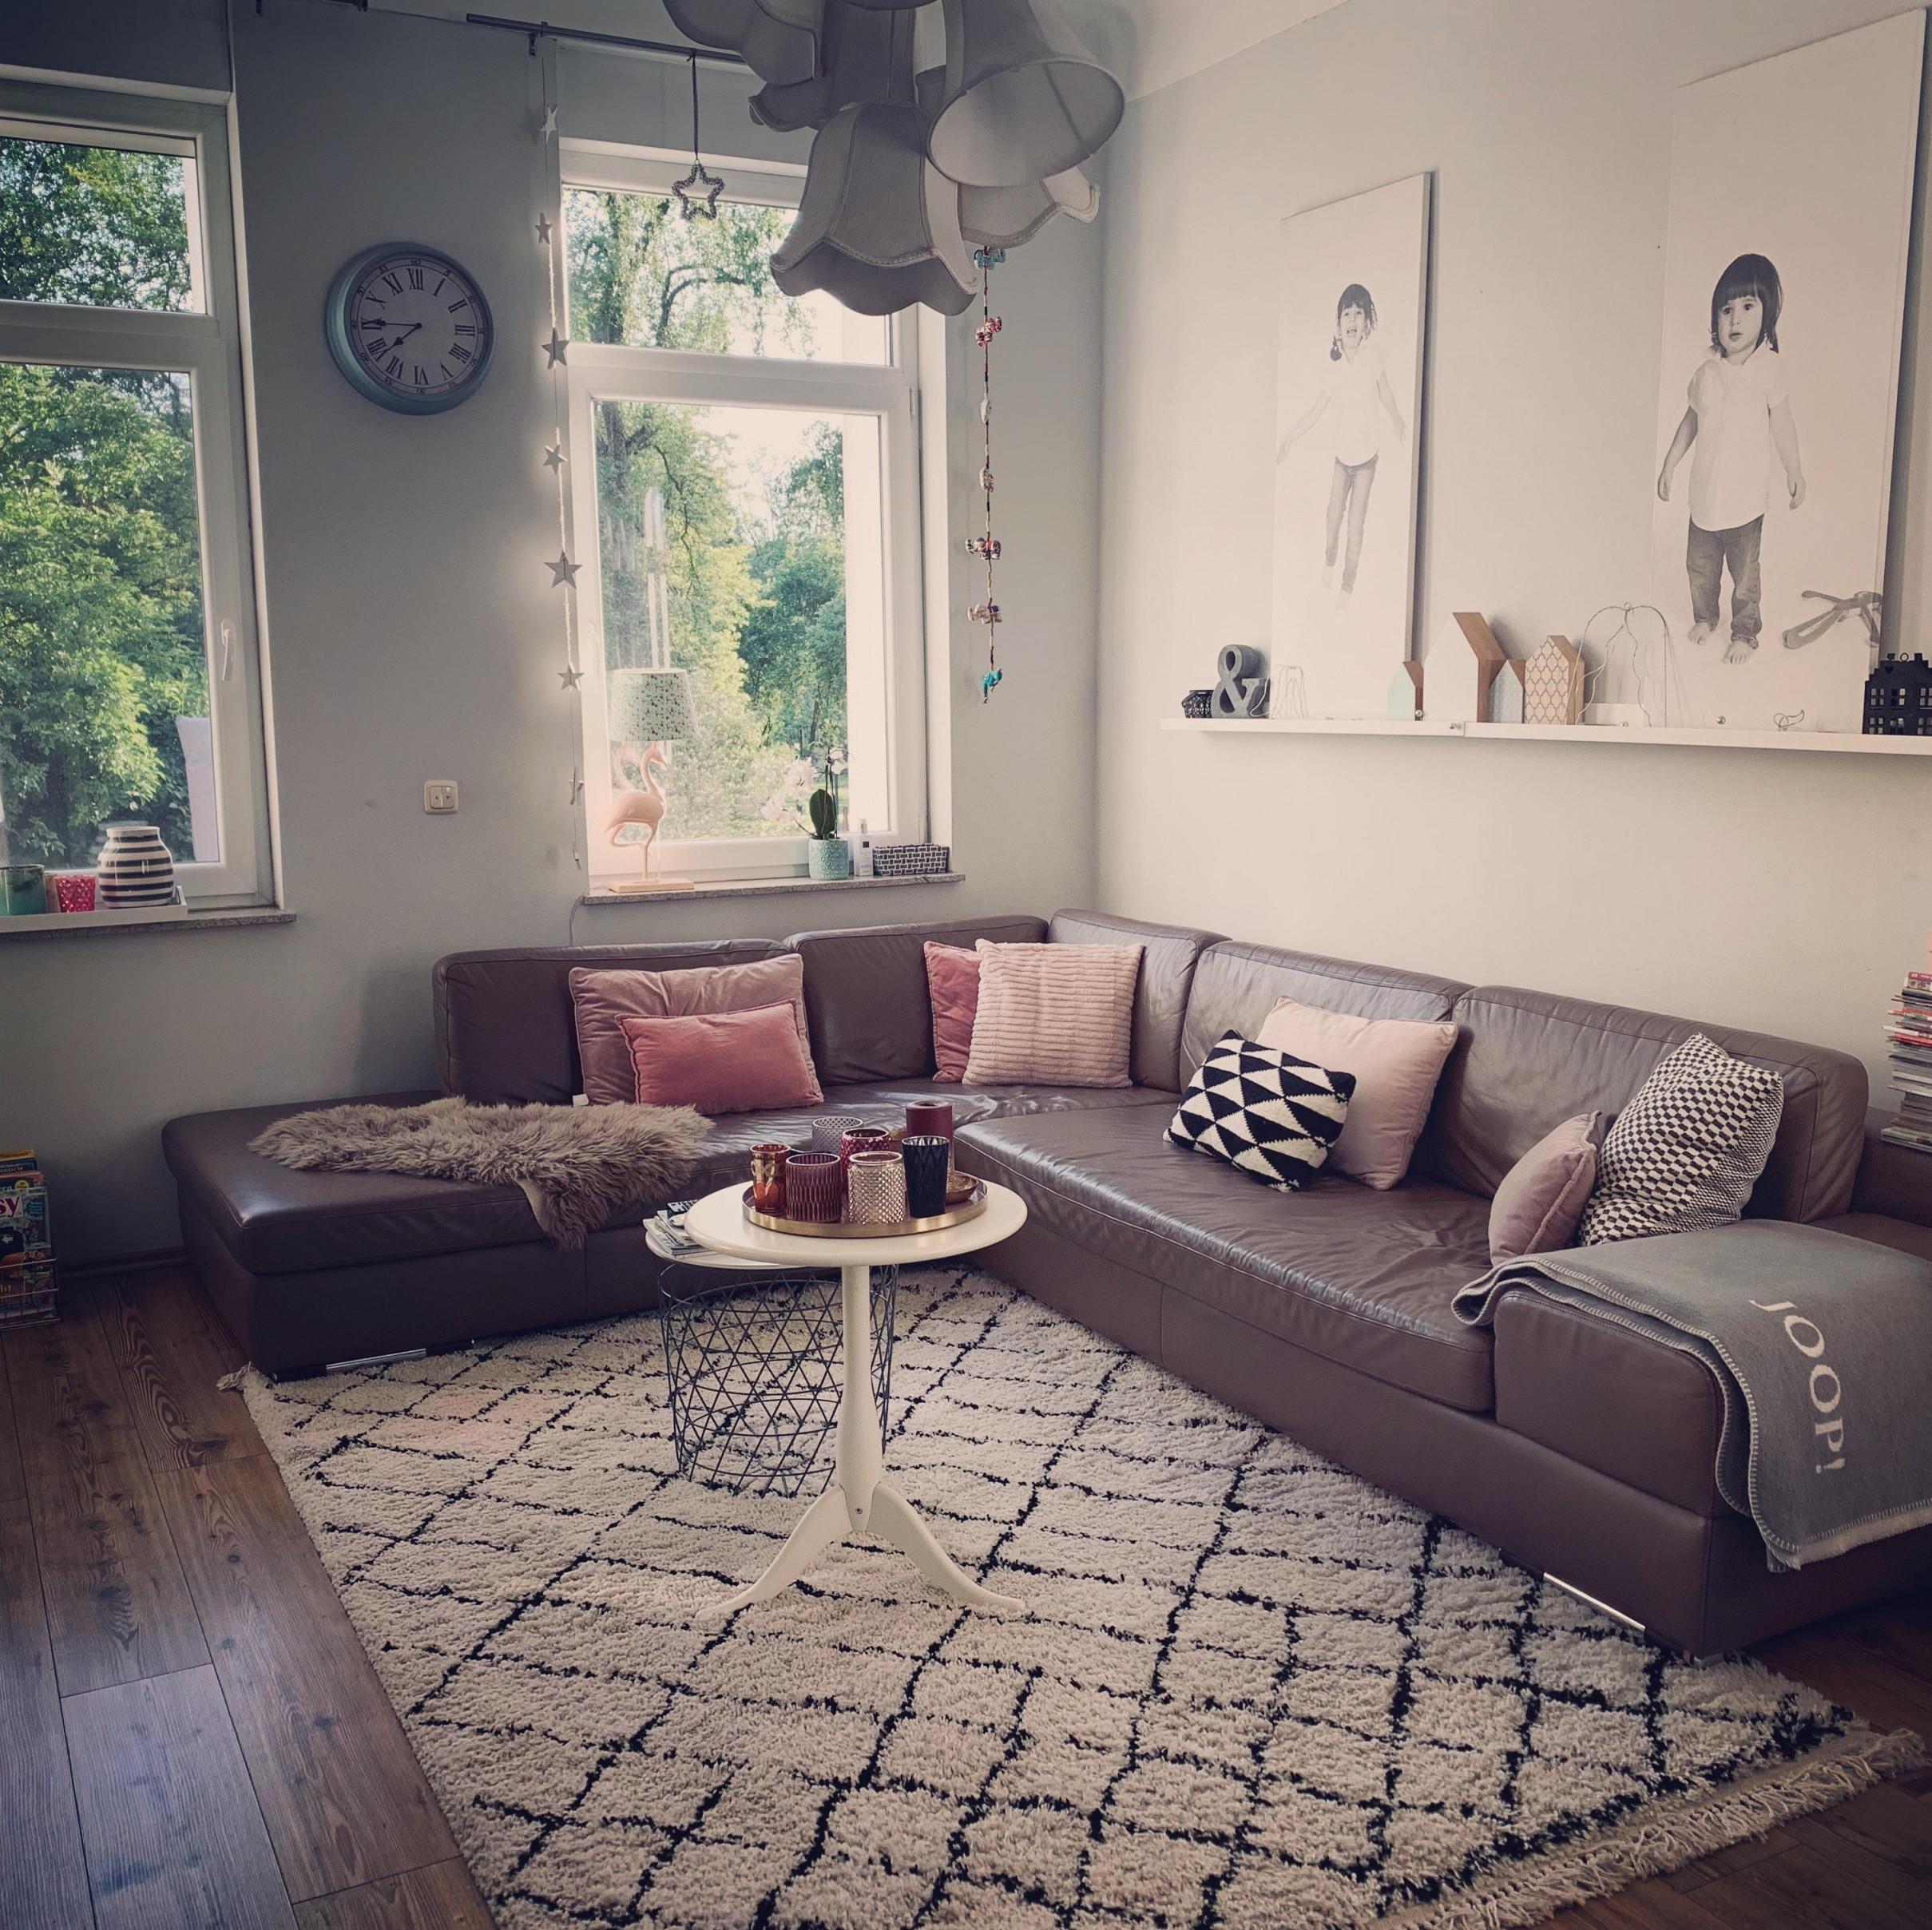 Gemütliches Wohnzimmer So Schaffst Du Eine Kuscheloase von Bilder Von Wohnzimmer Bild